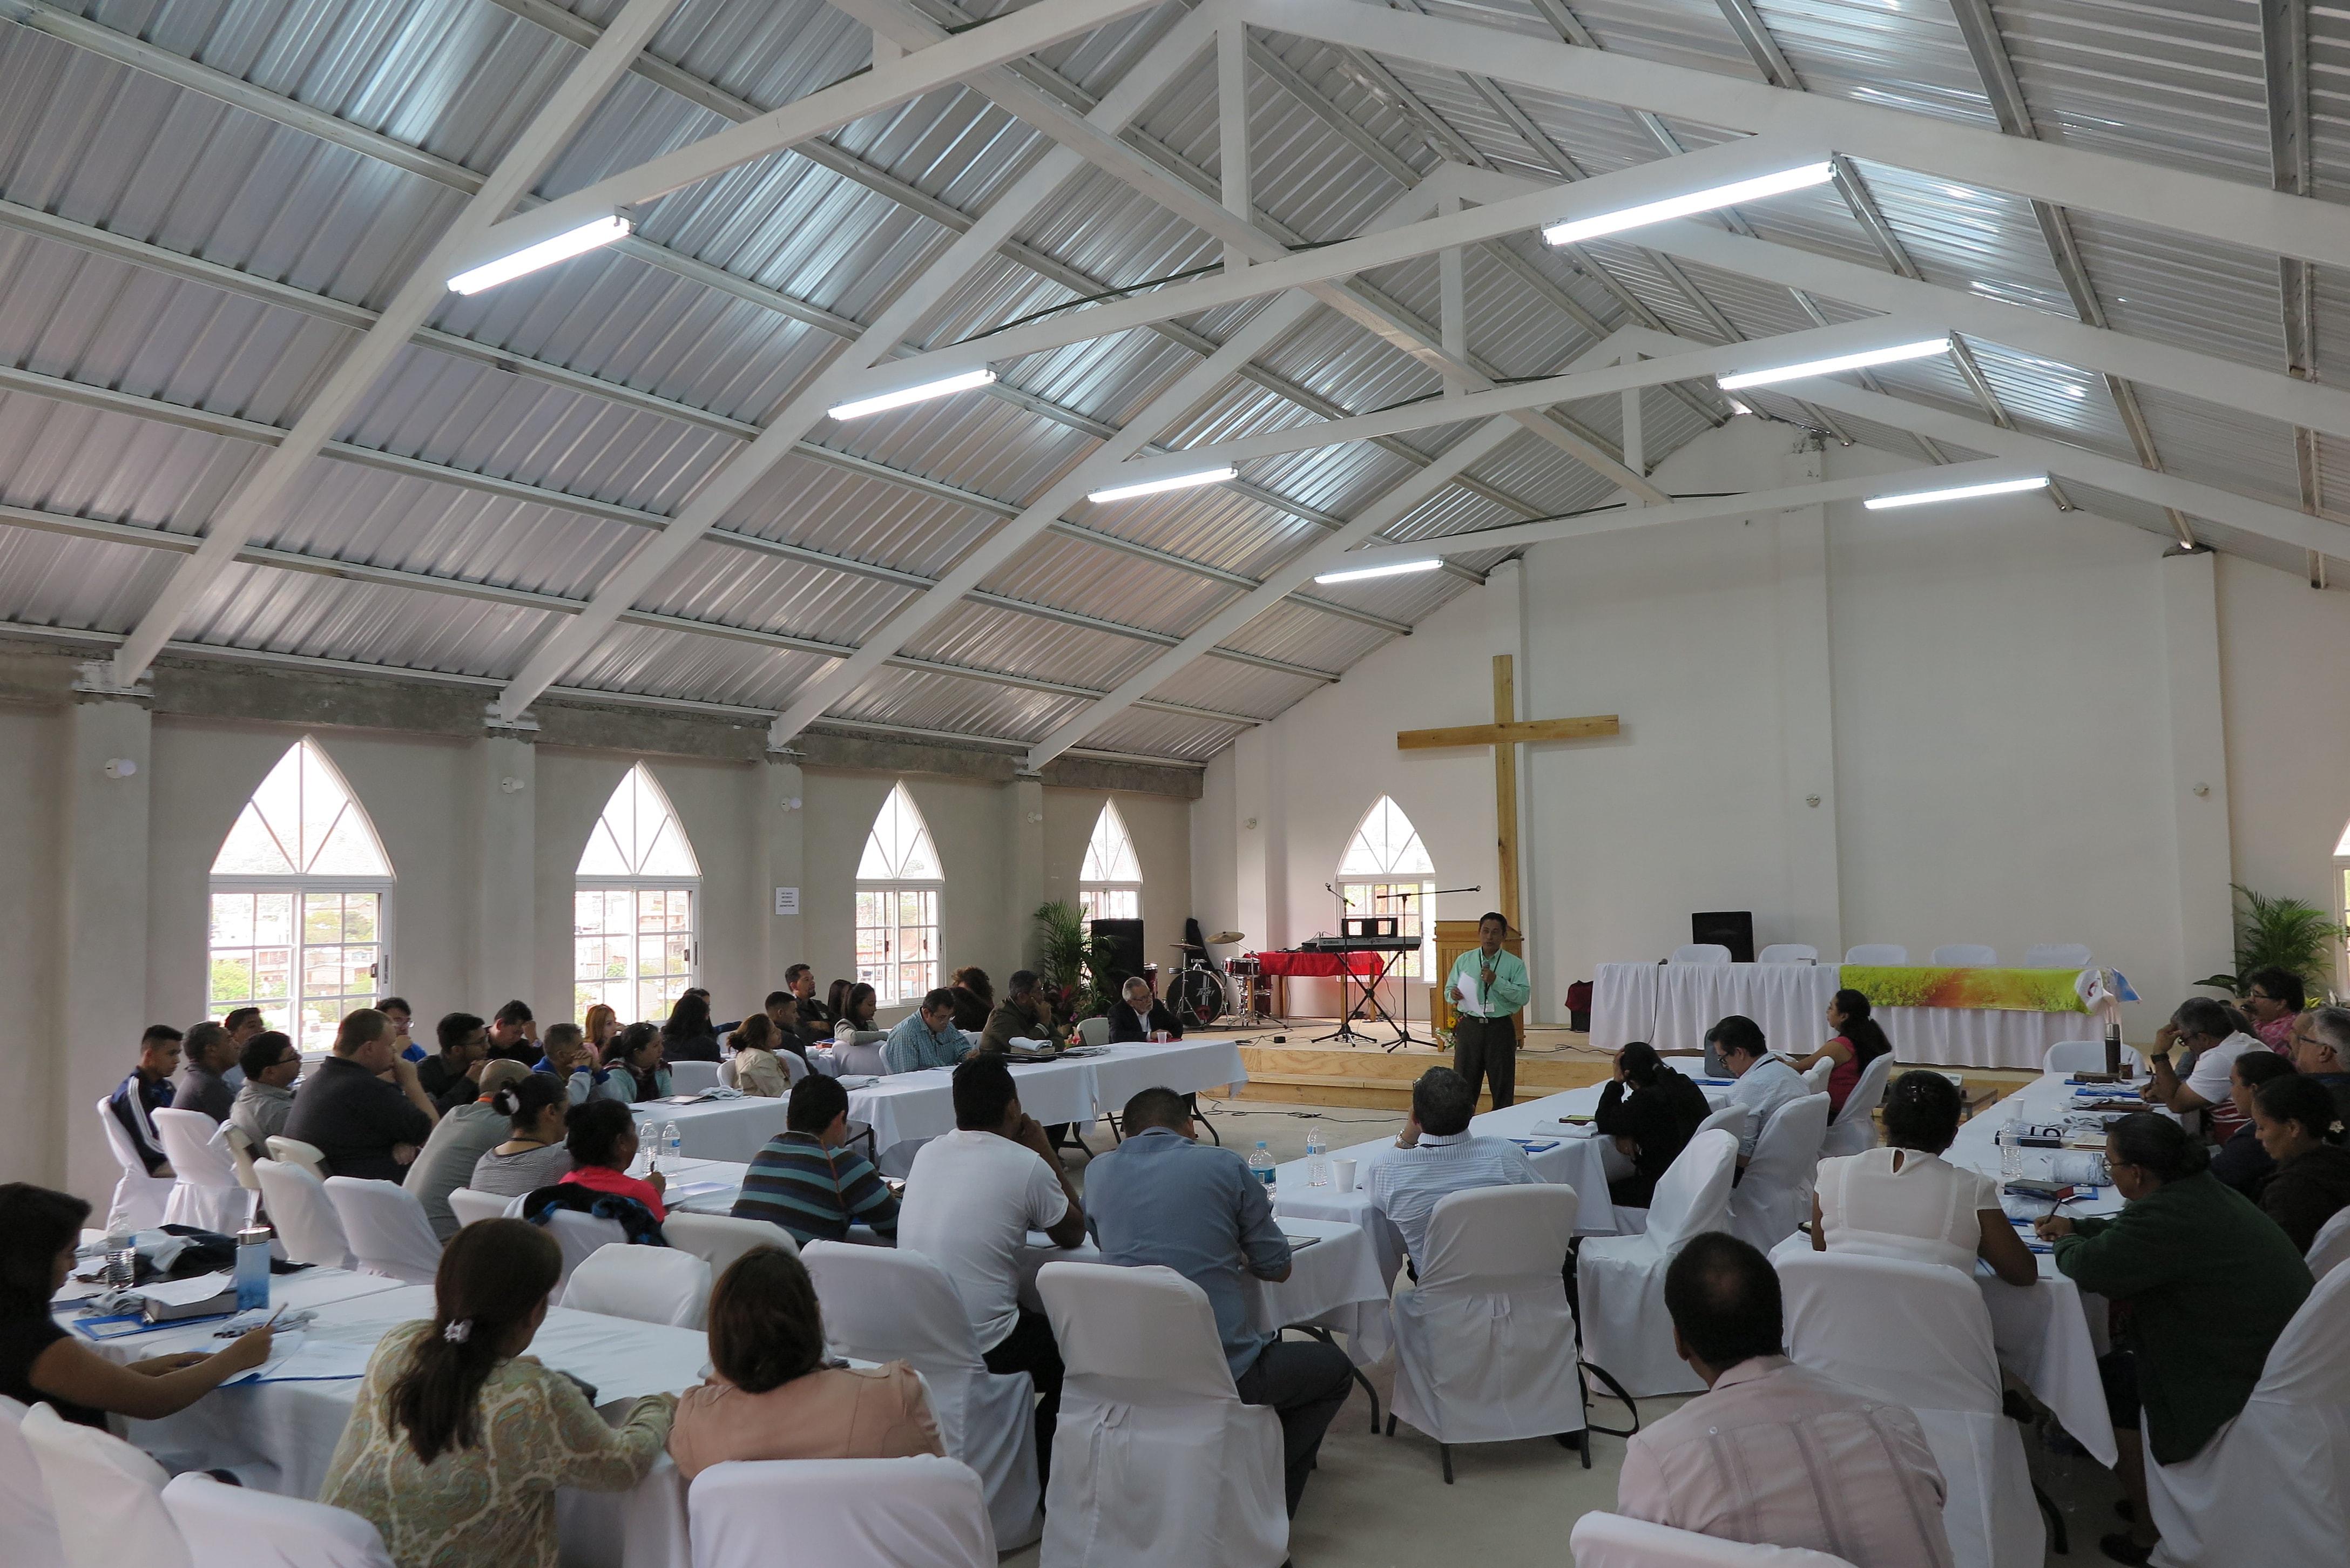 A Missão Metodista Unida em Honduras está em processo de crescimento e precisa consolidar a formação de seus assuntos religiosos e leigos. Foto do arquivo da assembleia de 2019 do Rev. Gustavo Vasquez, Notícias MU